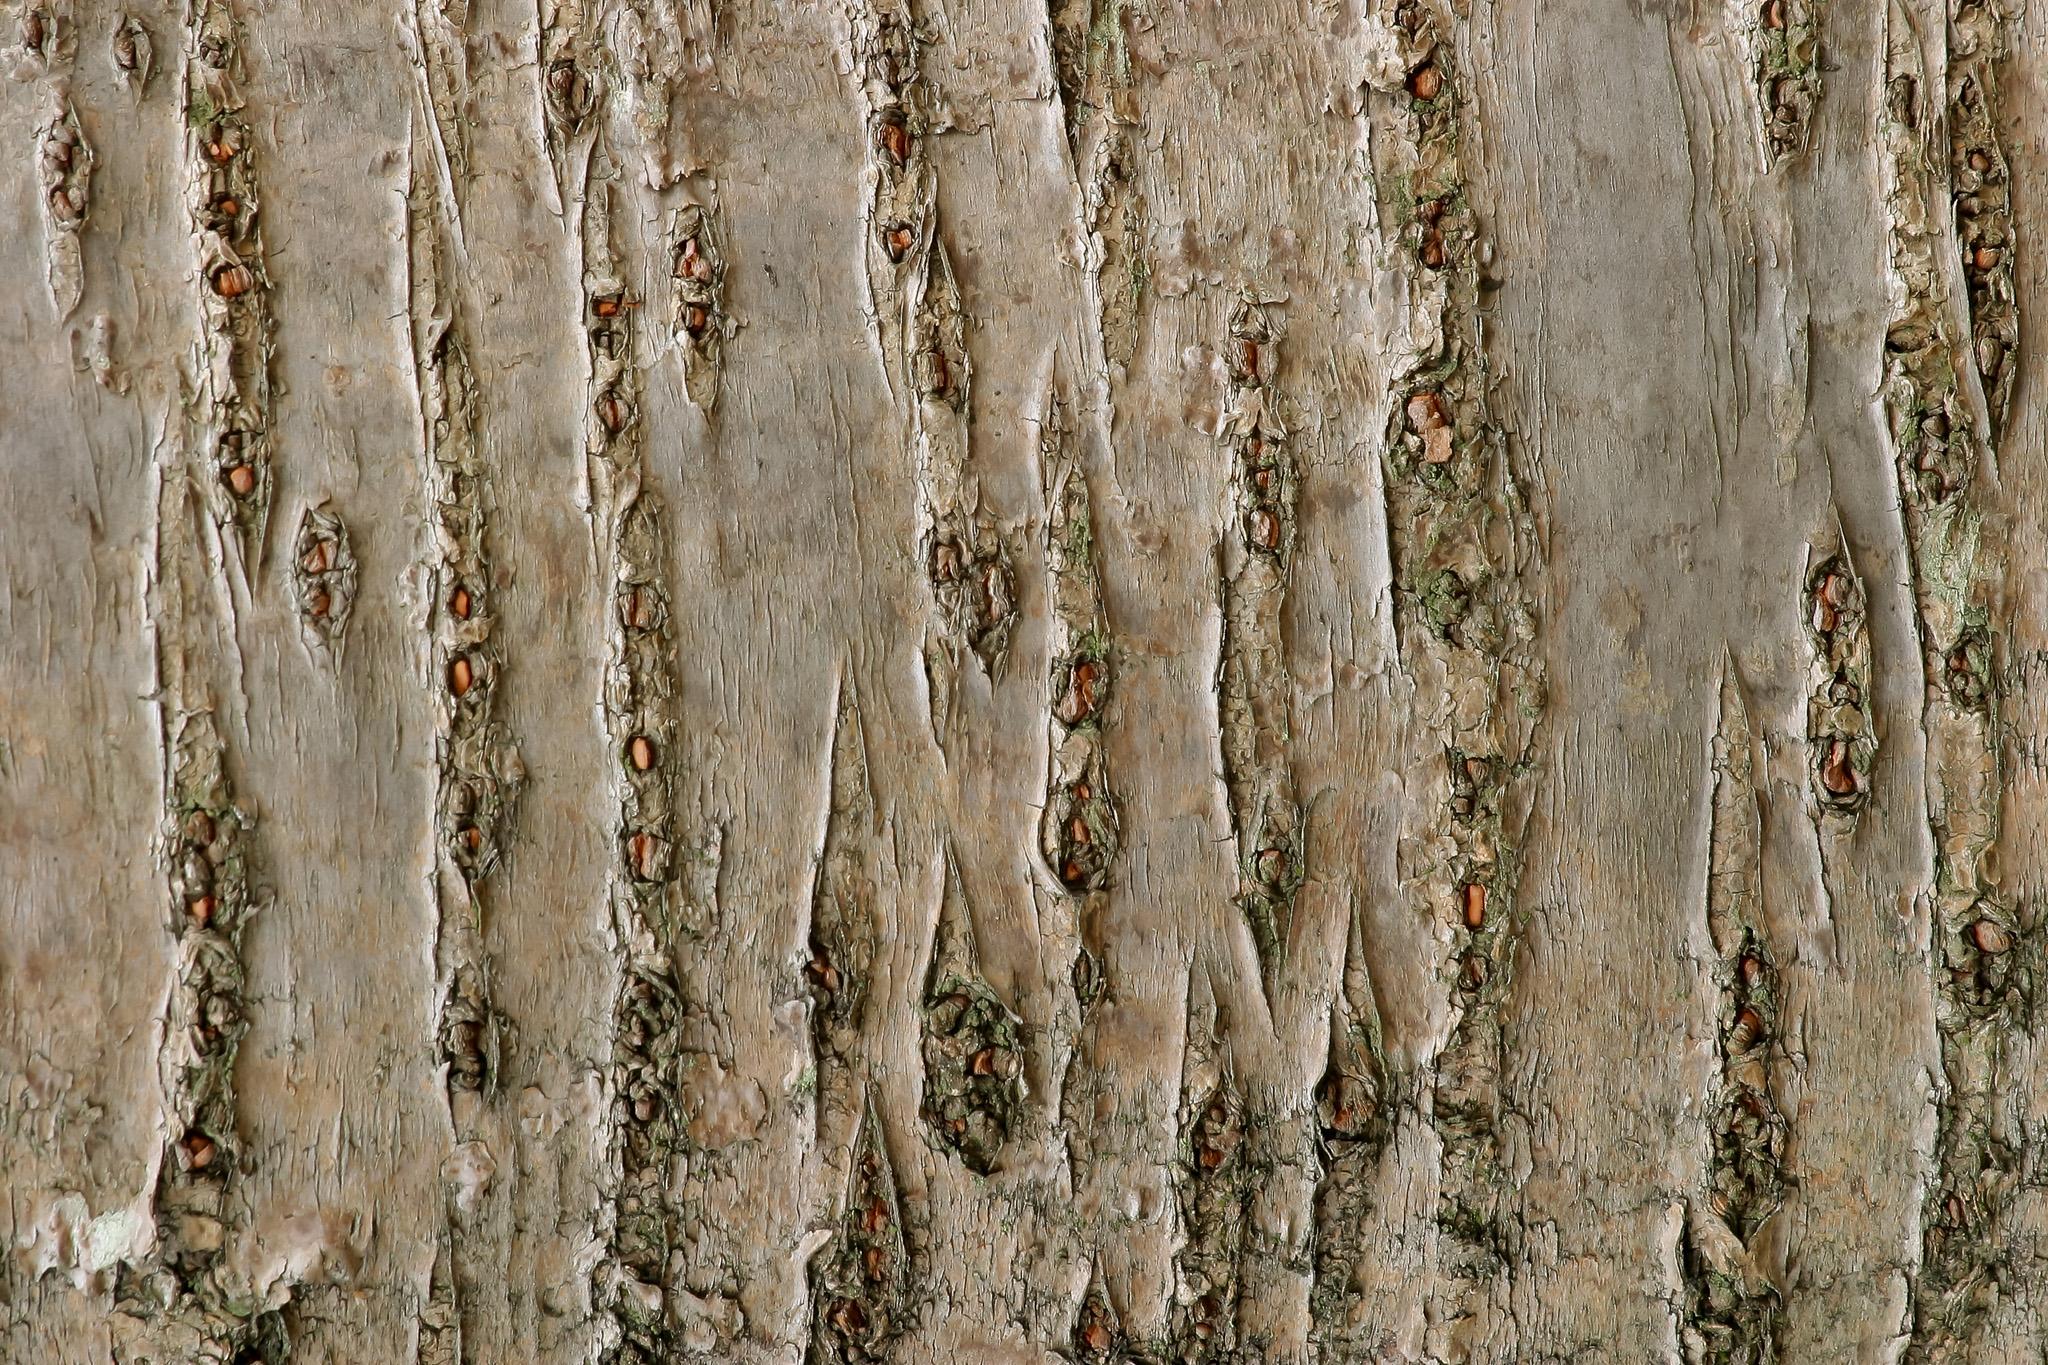 「桜の木の樹皮のテクスチャ」